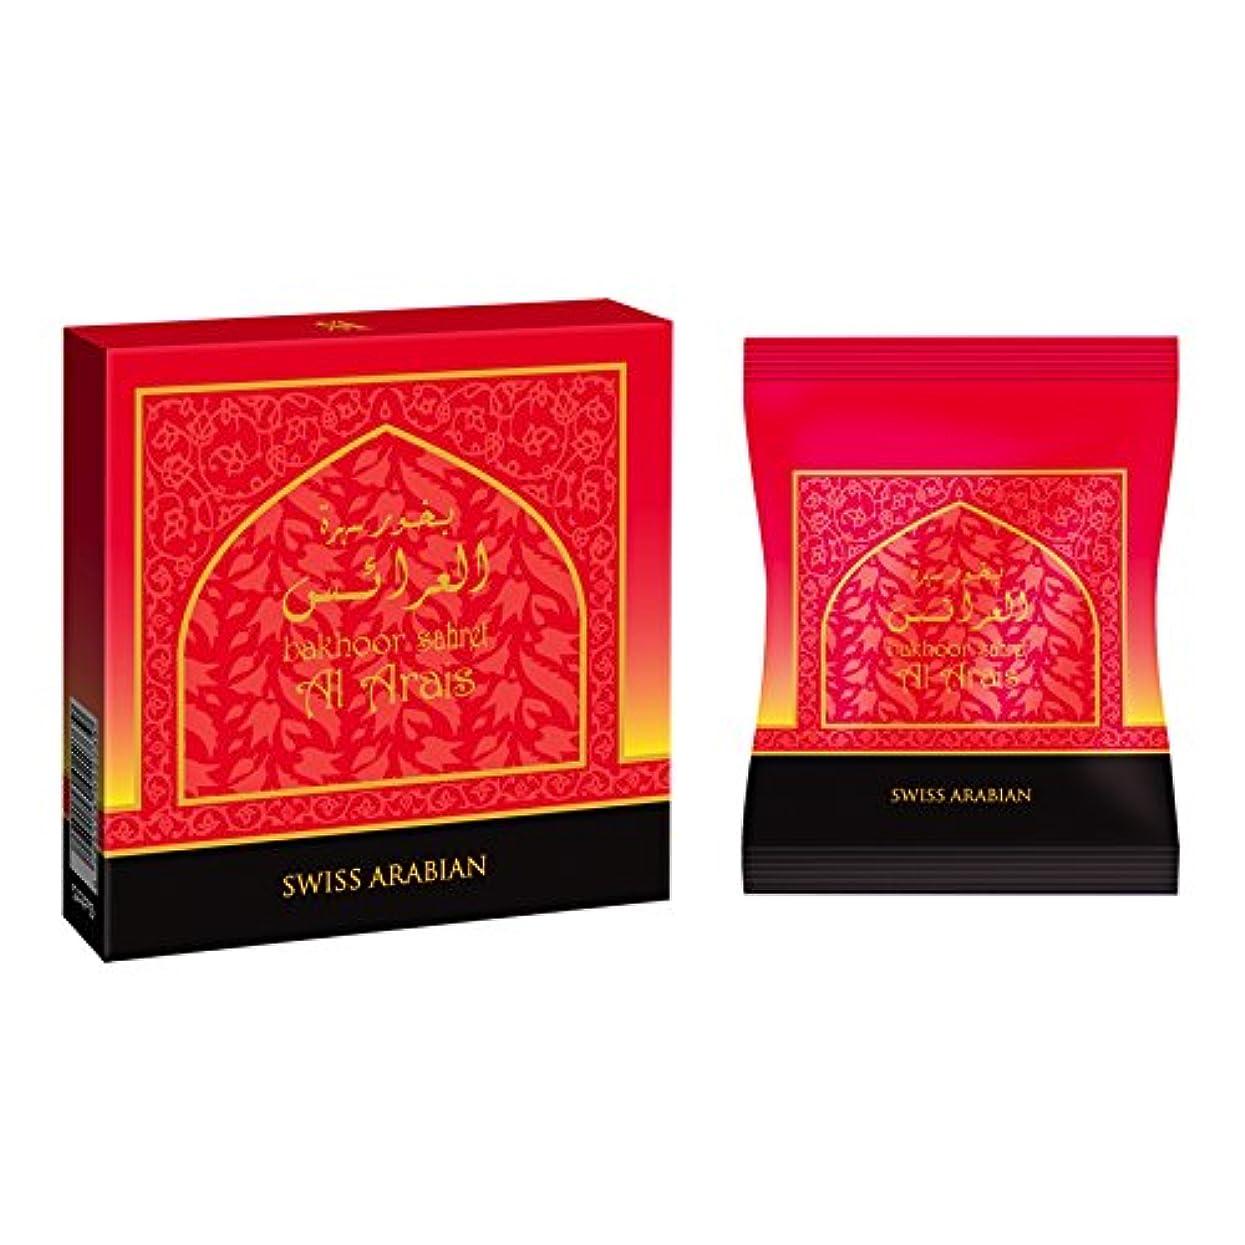 イーウェル検証高価なswissarabian Sahret al Arais Bakhoor (40g) Incense